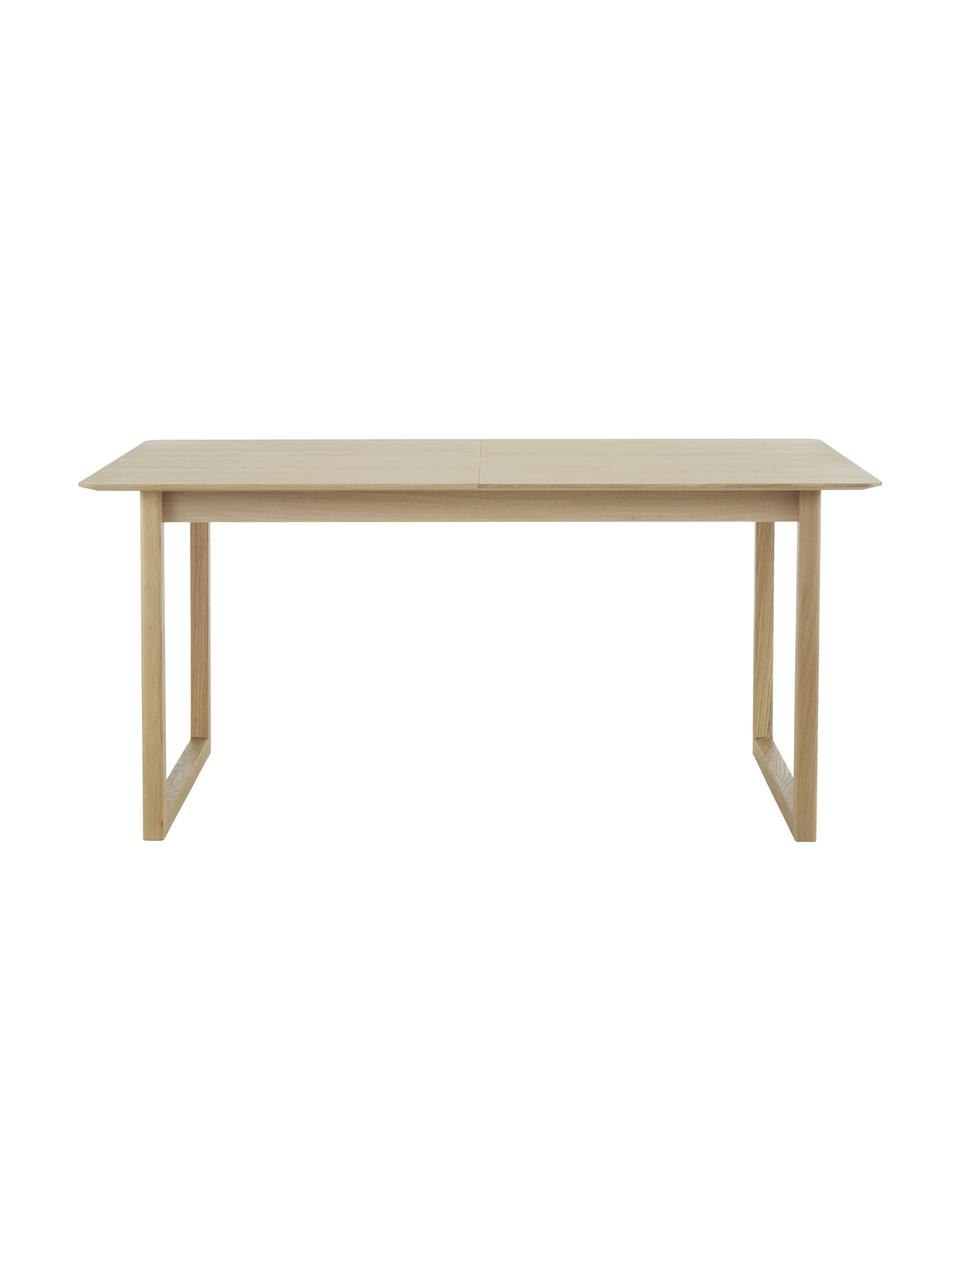 Tavolo allungabile Calla, 160 - 240 x 90 cm, Gambe: legno massiccio di querci, Legno chiaro, Larg. da 160 a 230 x Prof. 90 cm